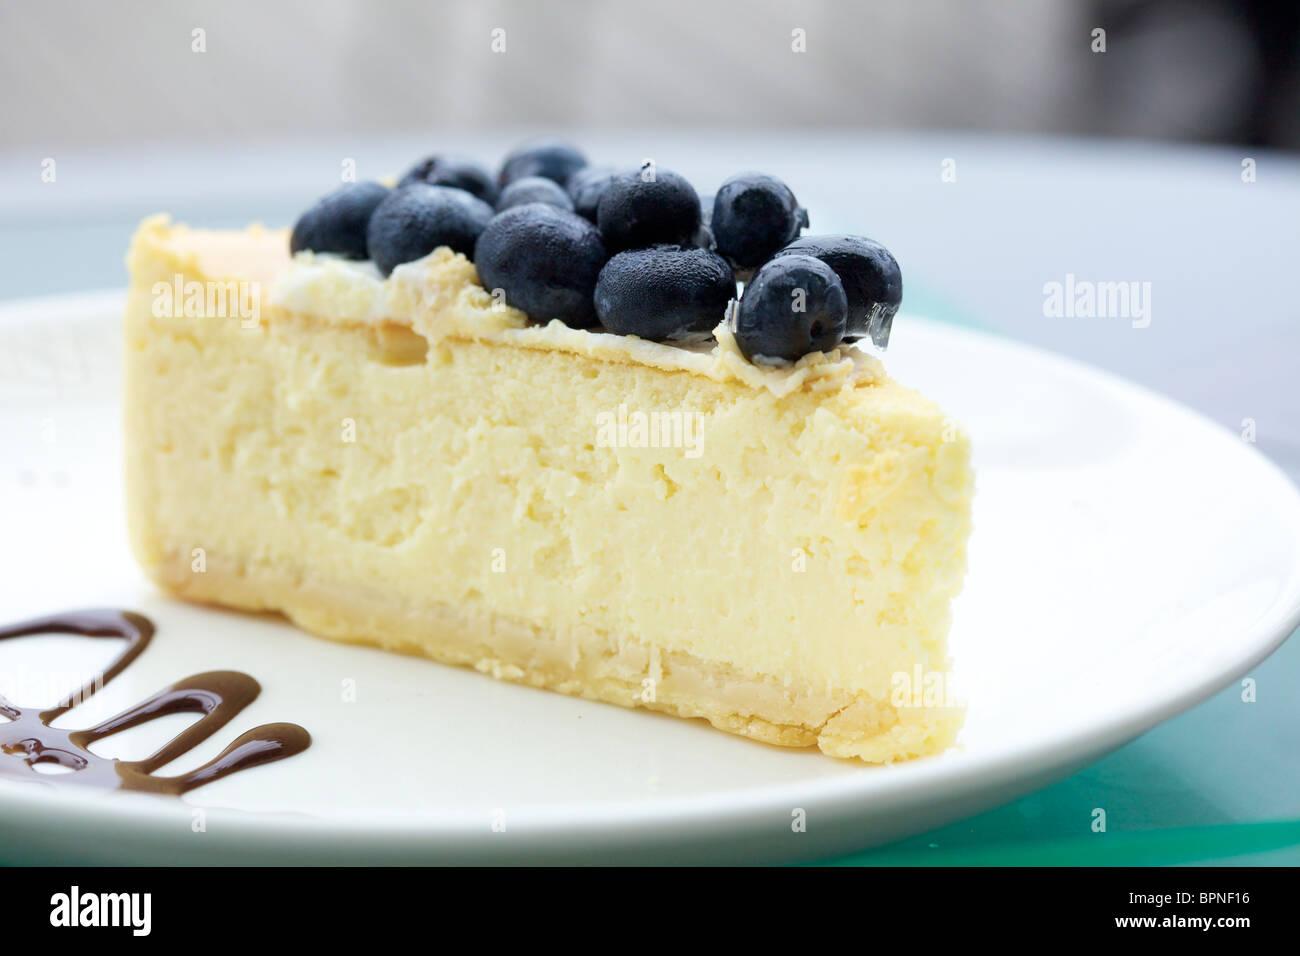 Una fetta di cheesecake al forno con mirtilli freschi sulla parte superiore Foto Stock